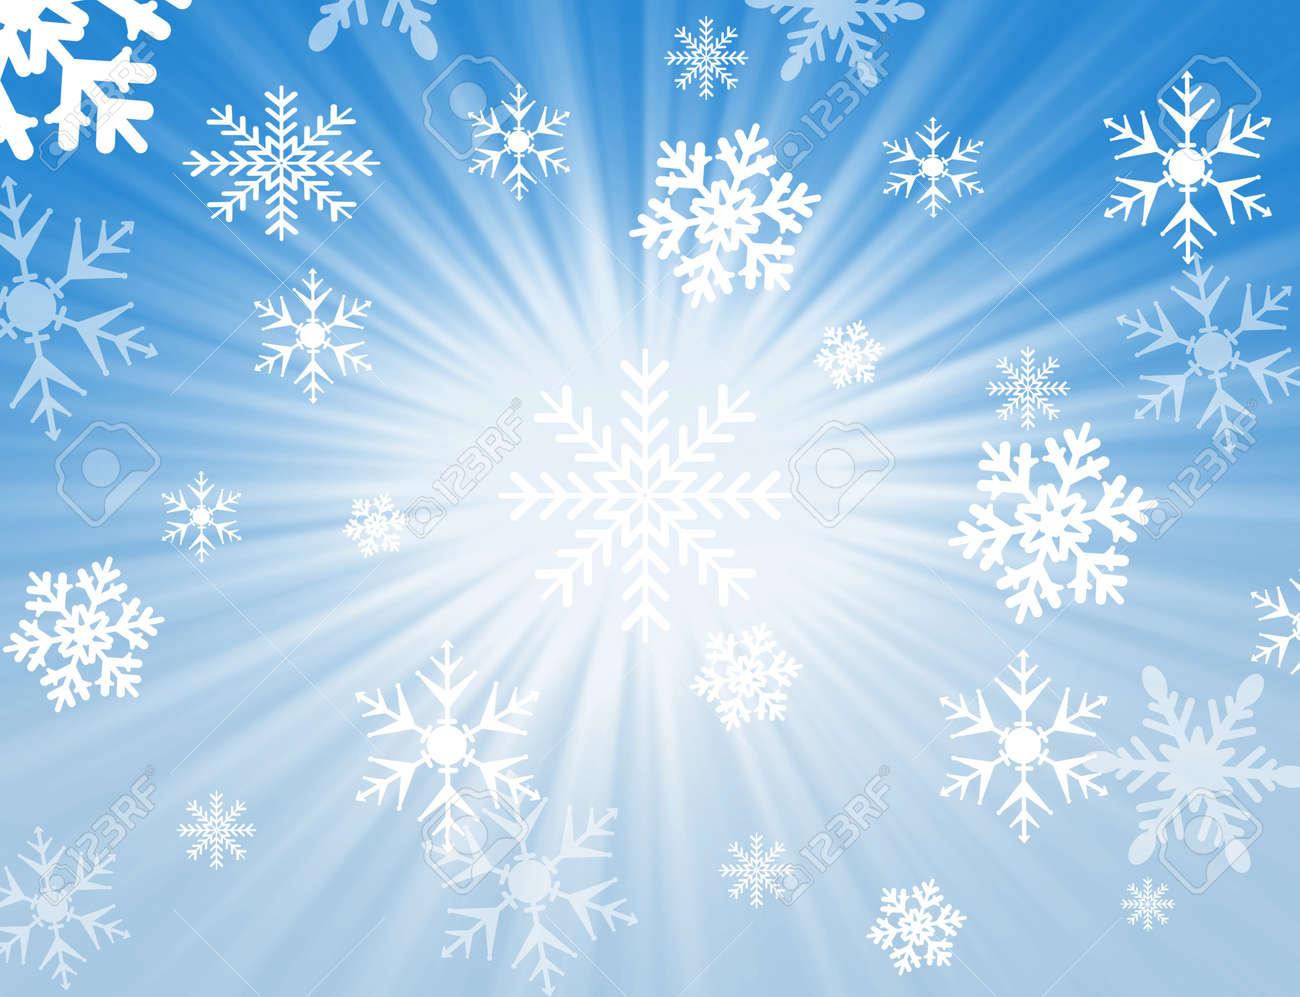 Weihnachten Schneeflocke Design Für Hintergründe Und Füllt ...